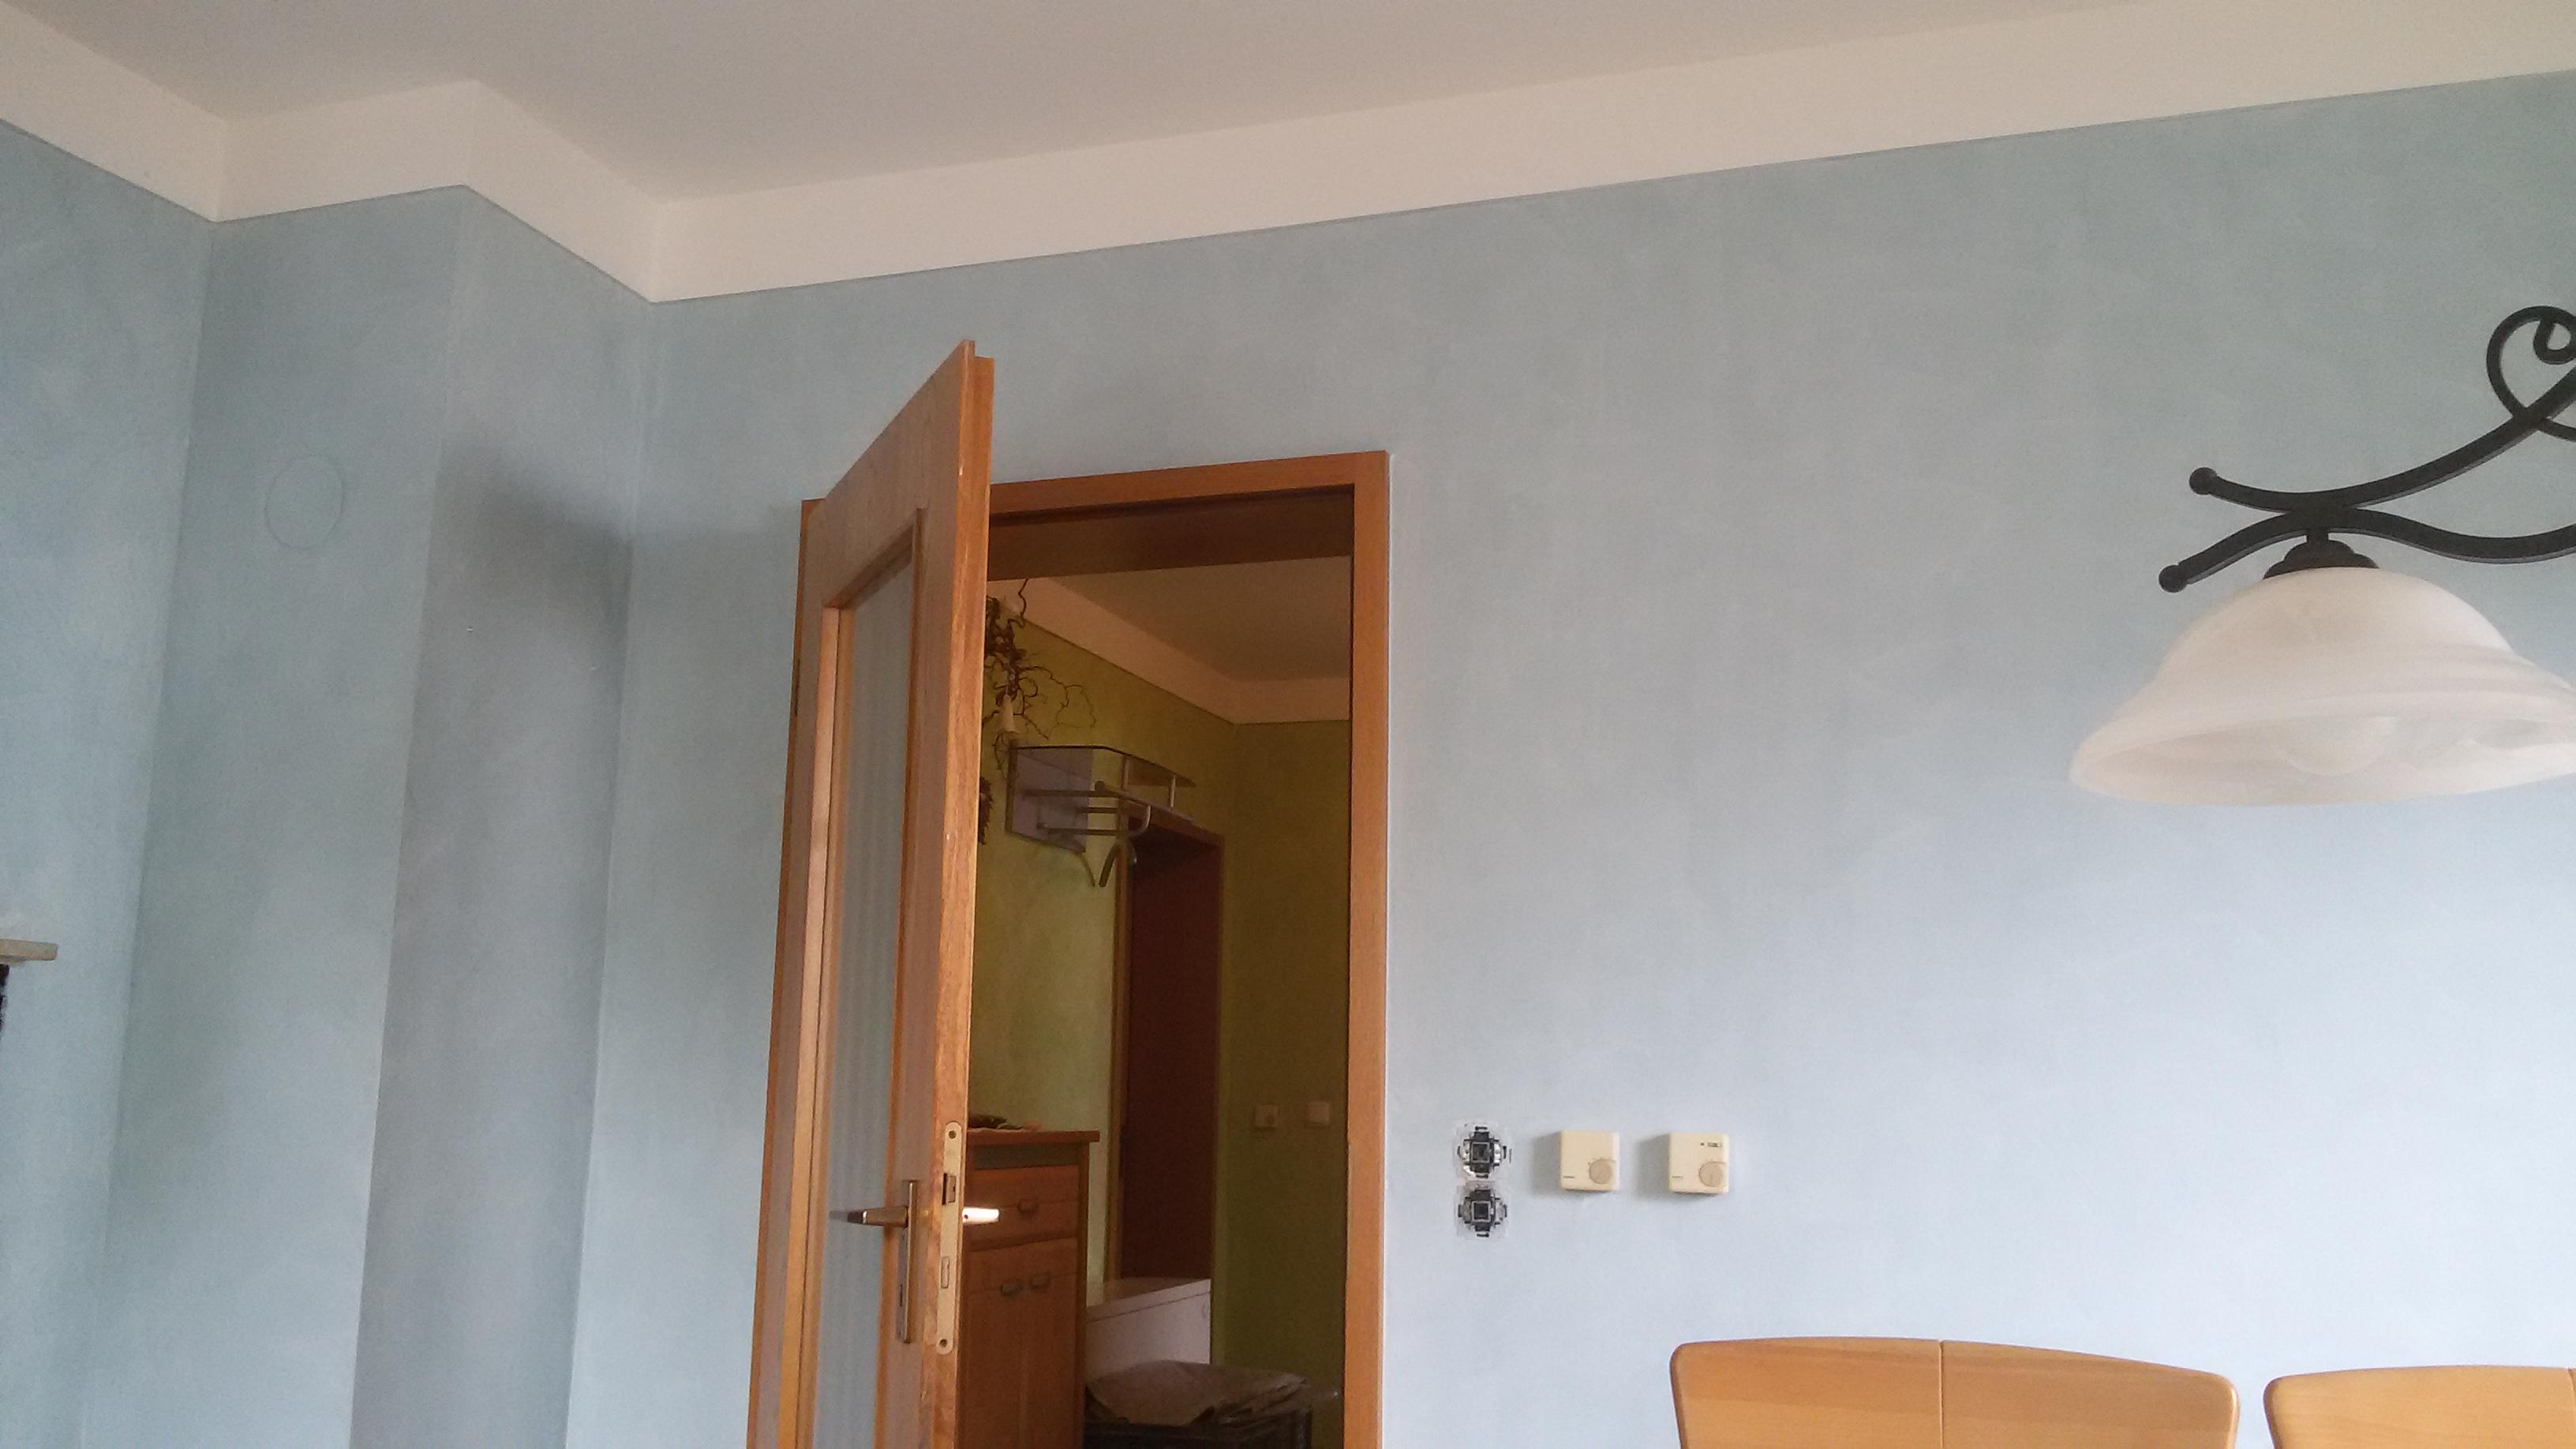 lasurtechnik mit beistrich maler und lackierermeister. Black Bedroom Furniture Sets. Home Design Ideas